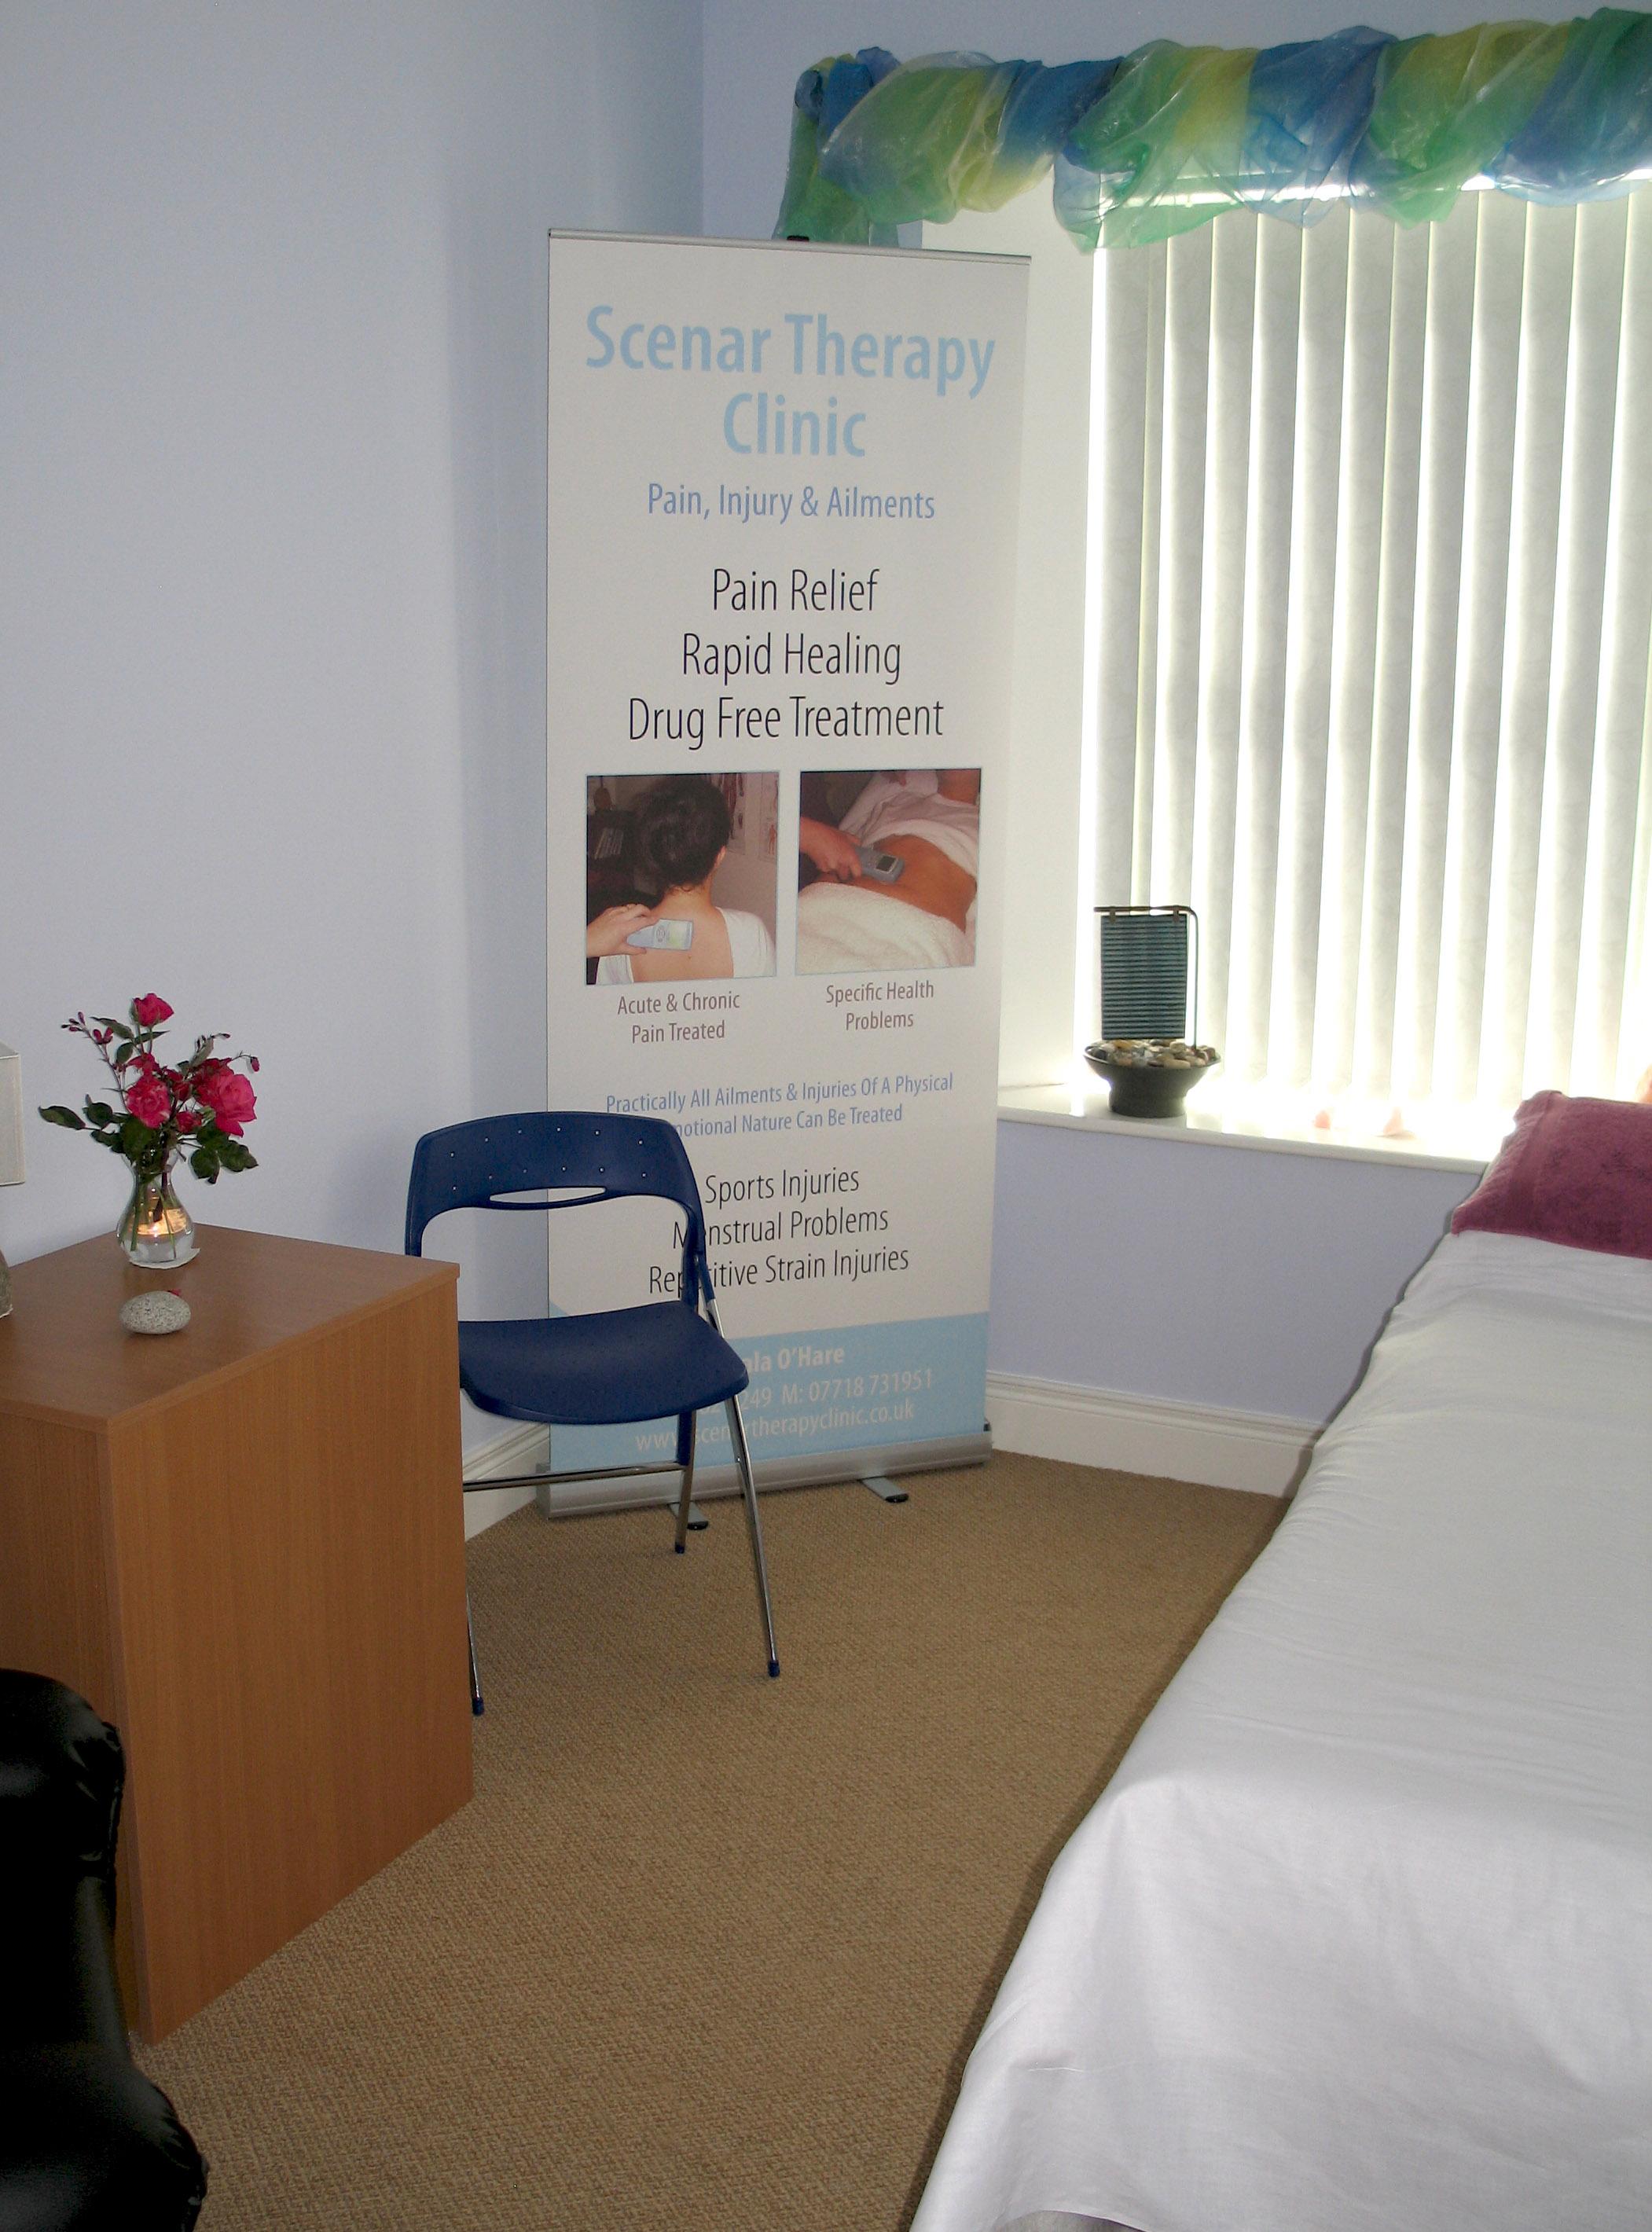 Nuala O'Hare, scenar therapist, scenar therapy clinic, newry, co. down, NI